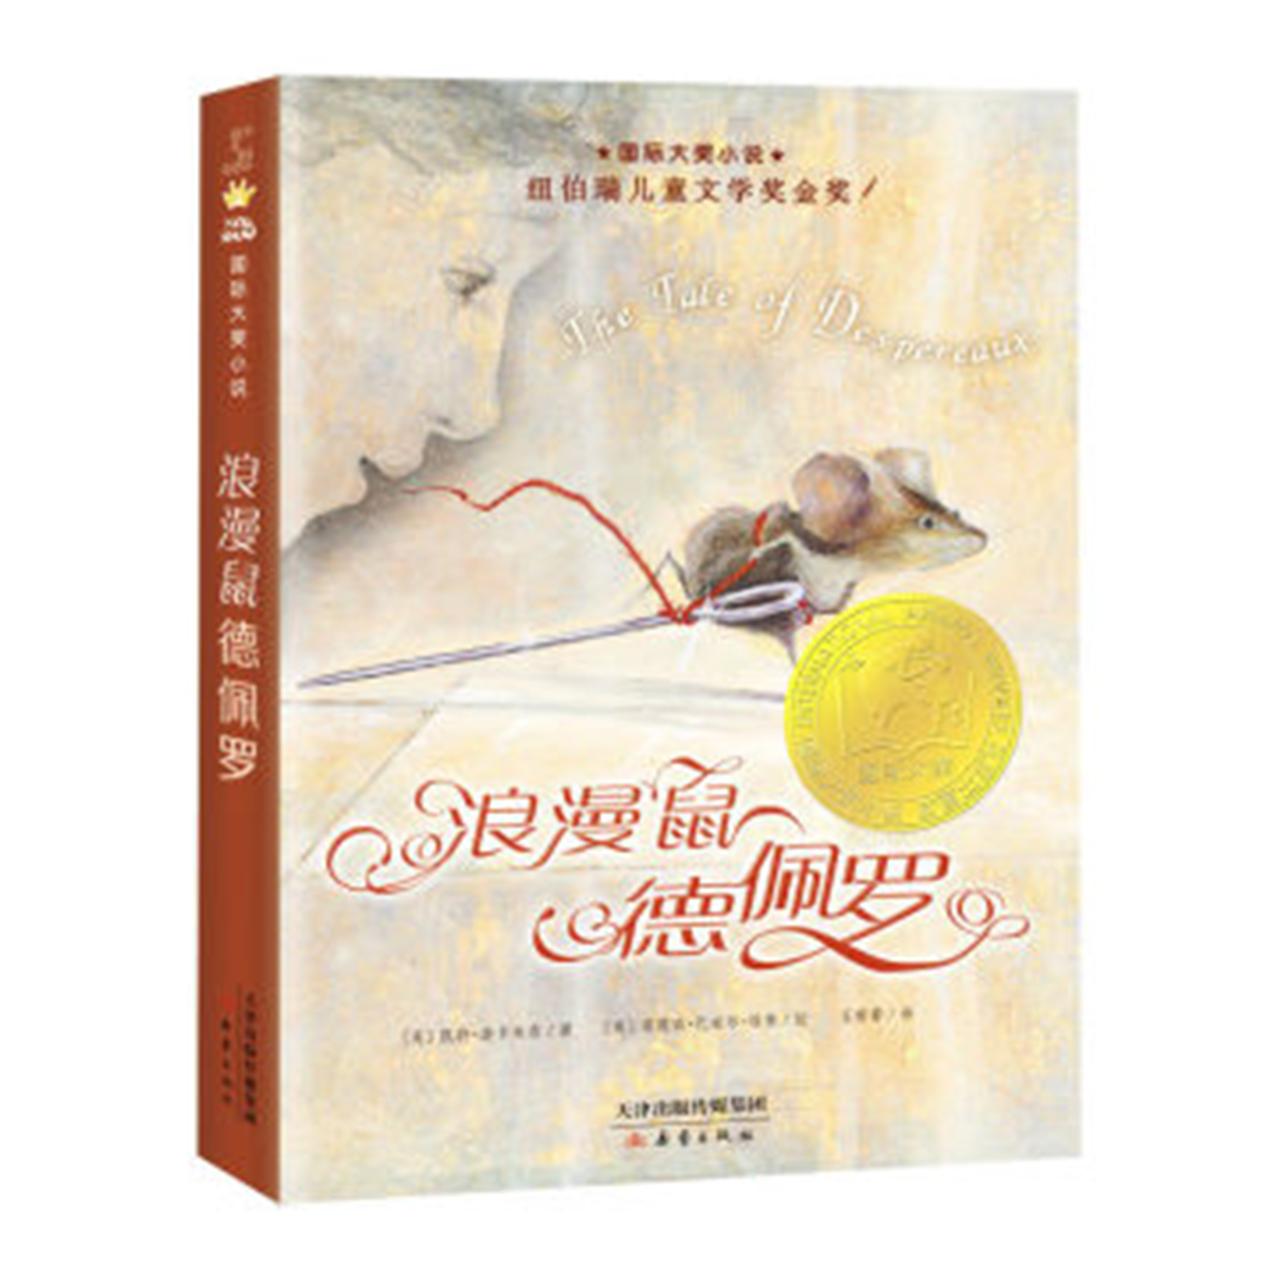 国际大奖小说:浪漫鼠德佩罗 【儿童文学/青少年读物/翻译小说】